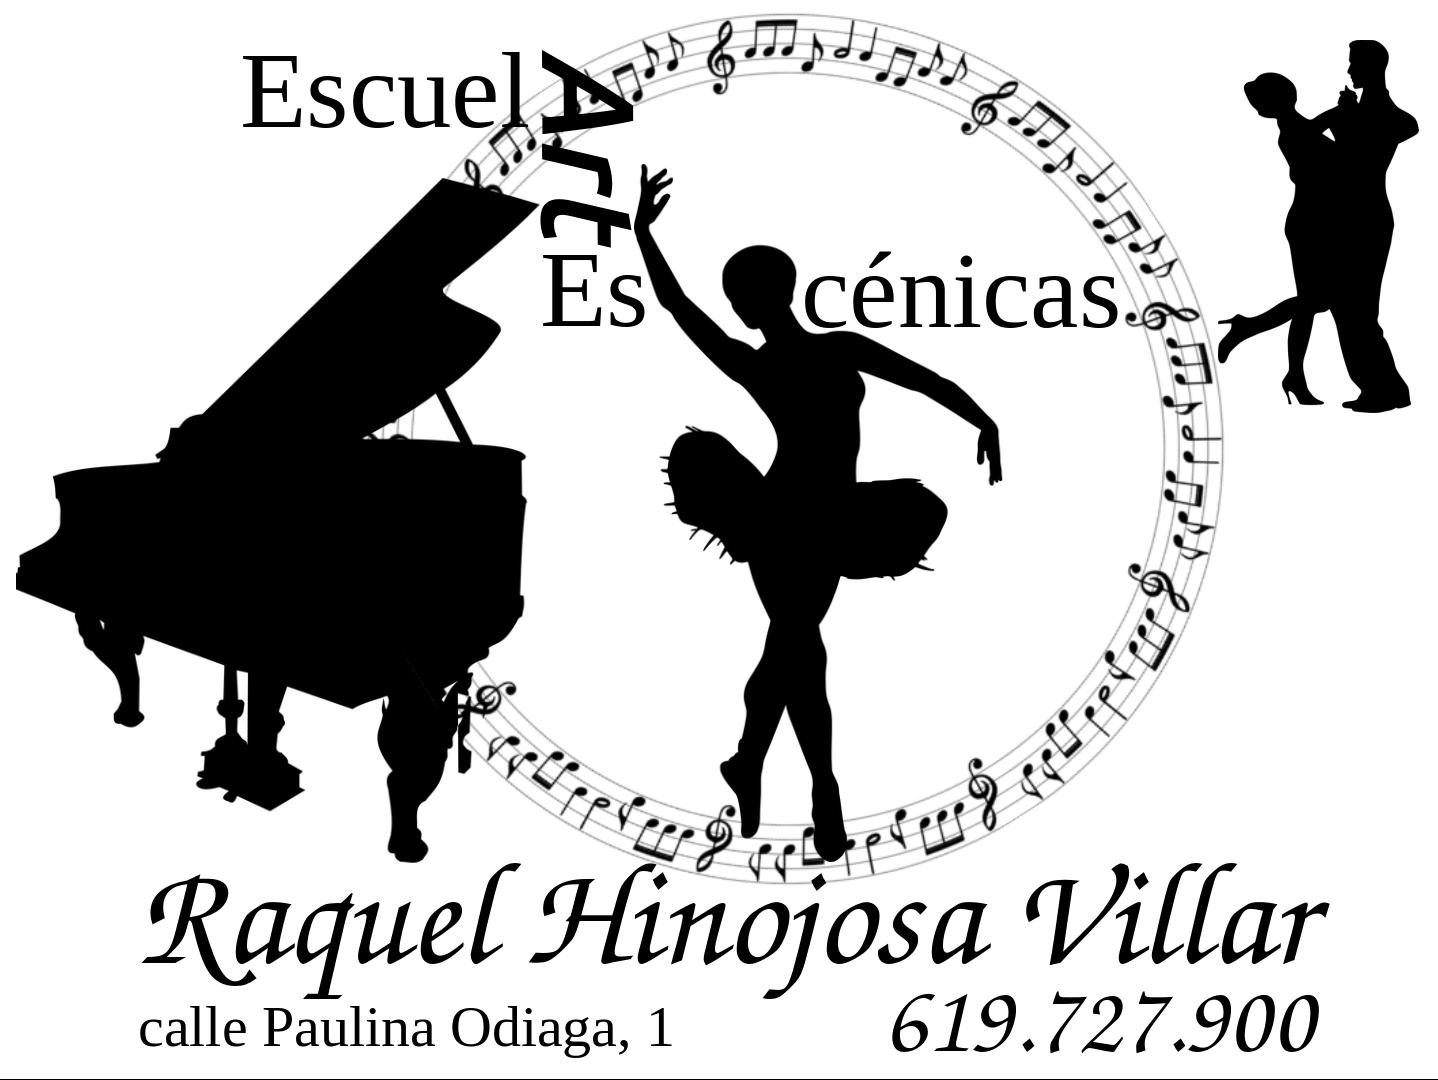 ESCUELA DE ARTES ESCENICAS RAQUEL HINOJOSA